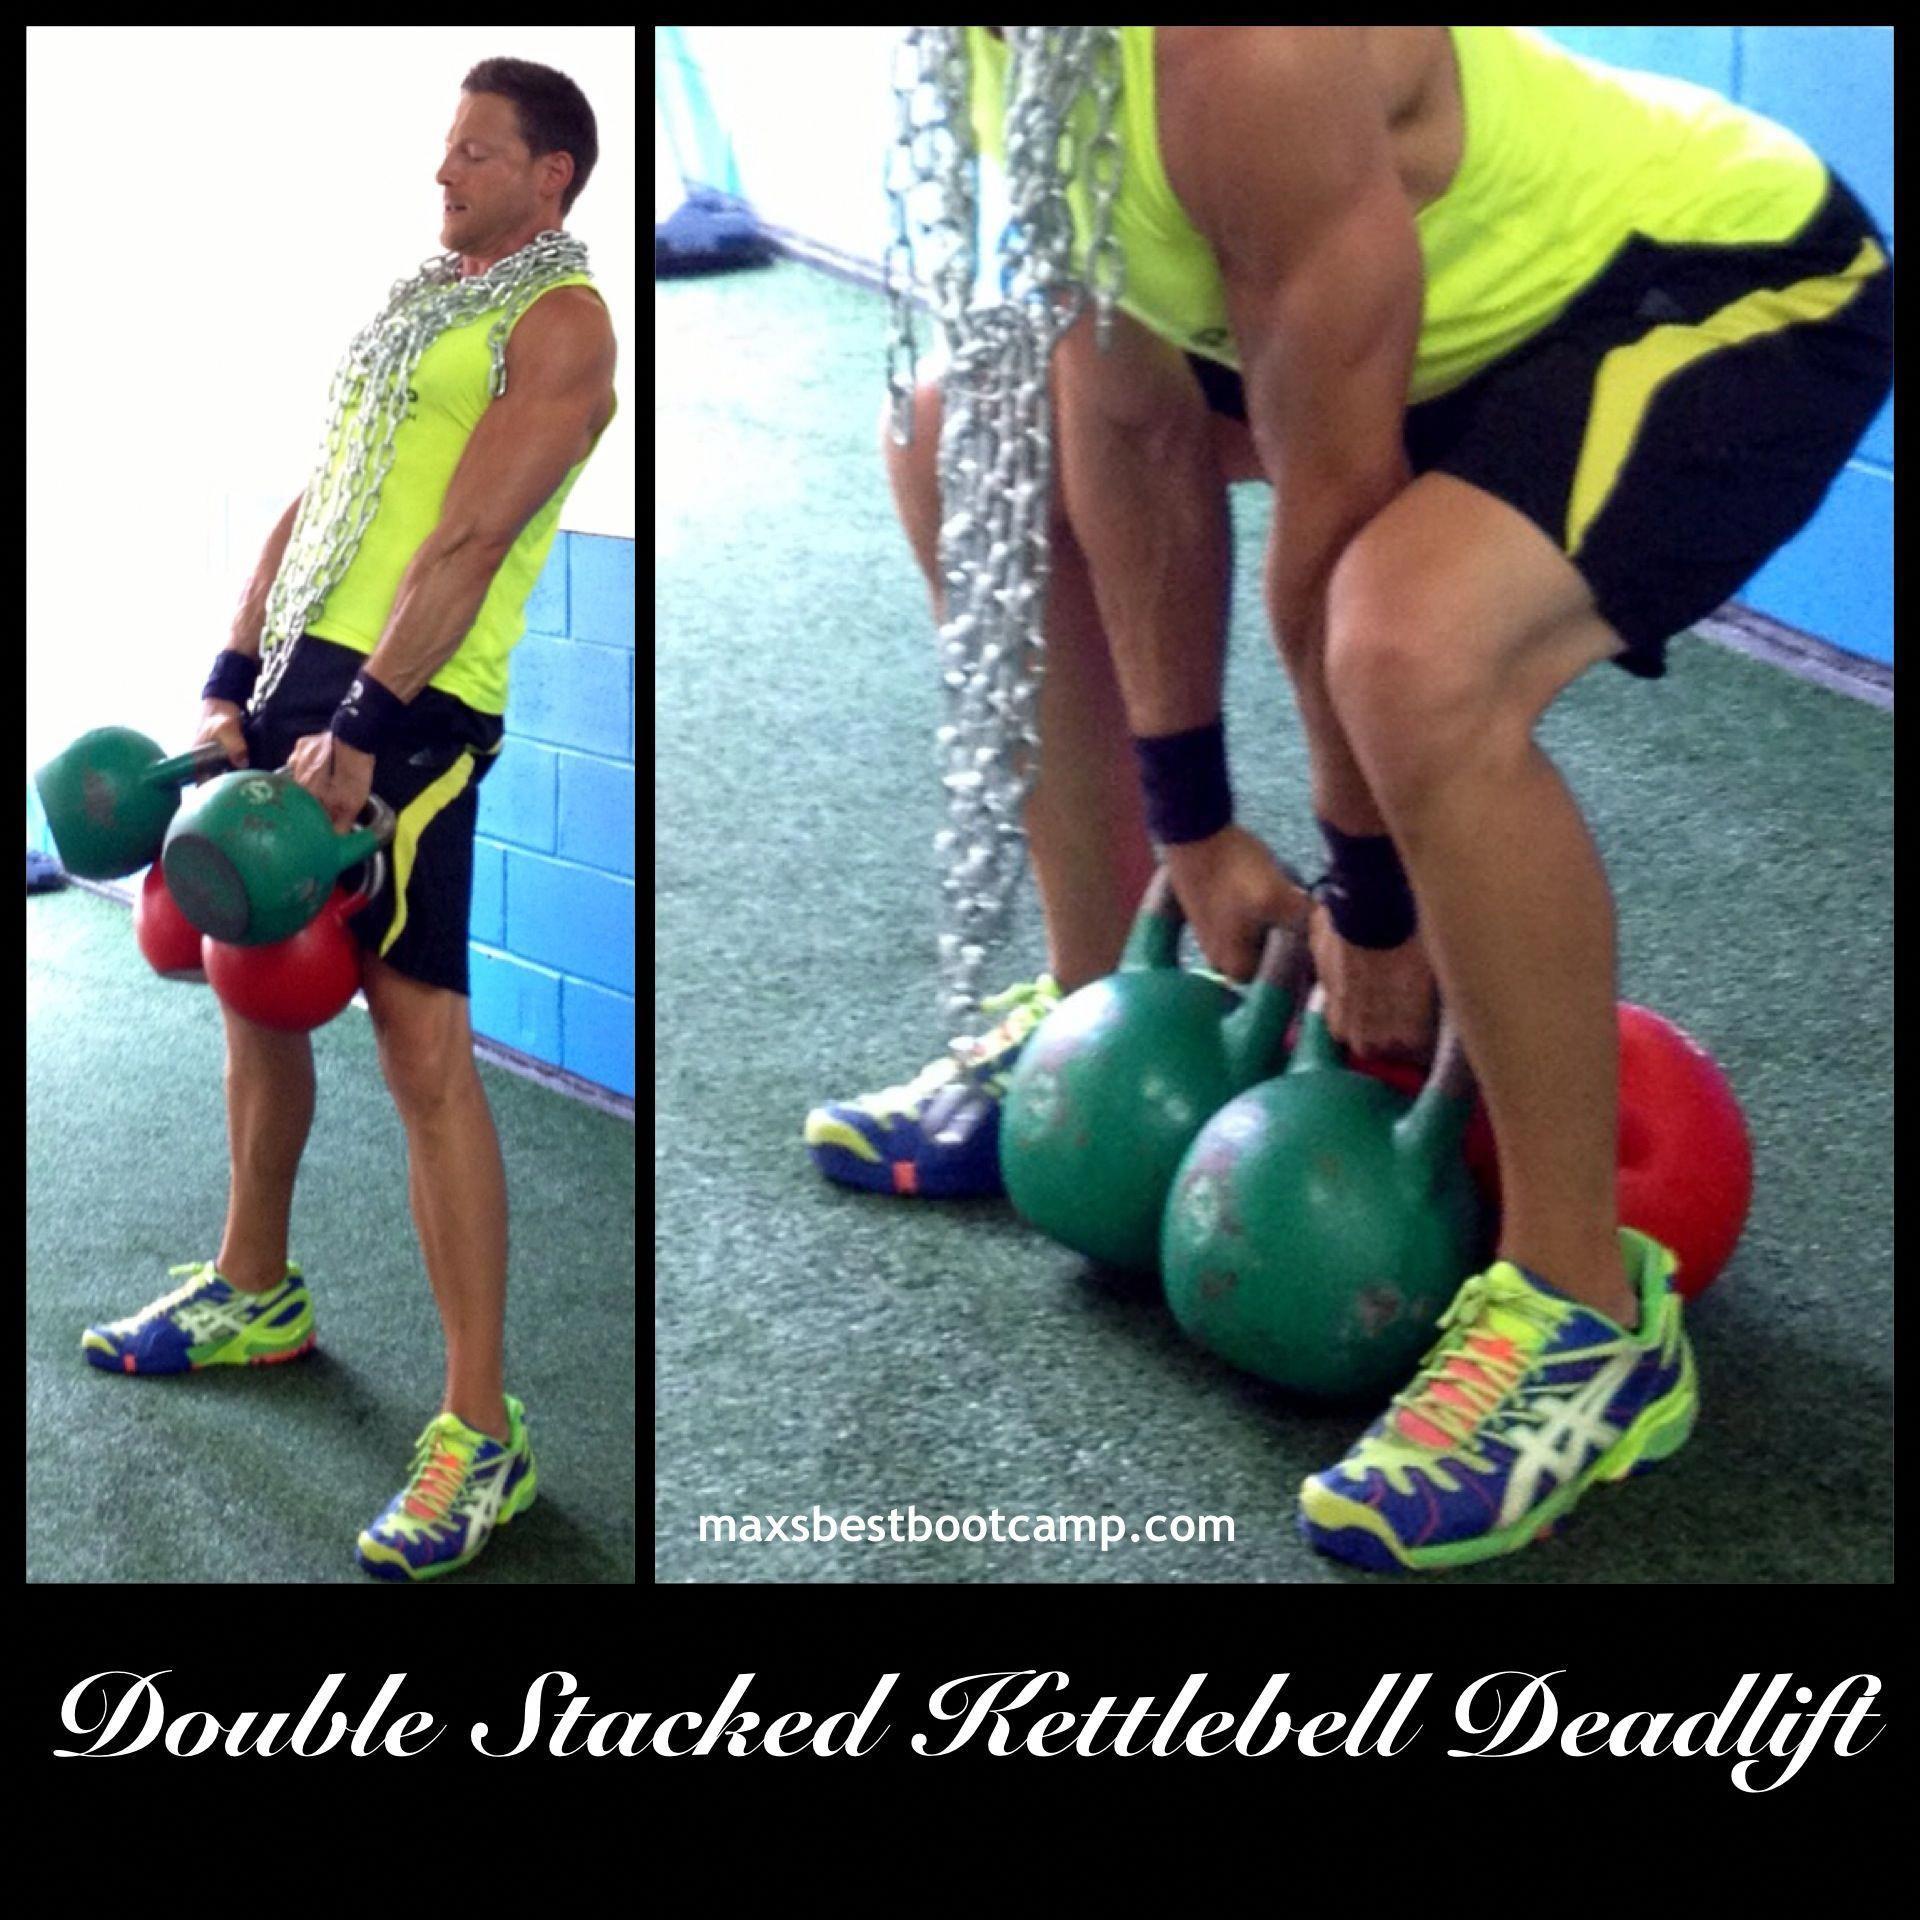 Best Deadlift Workouts Powerliftingdeadliftworkout Fitness Motivation Abs Deadlift Fun Workouts